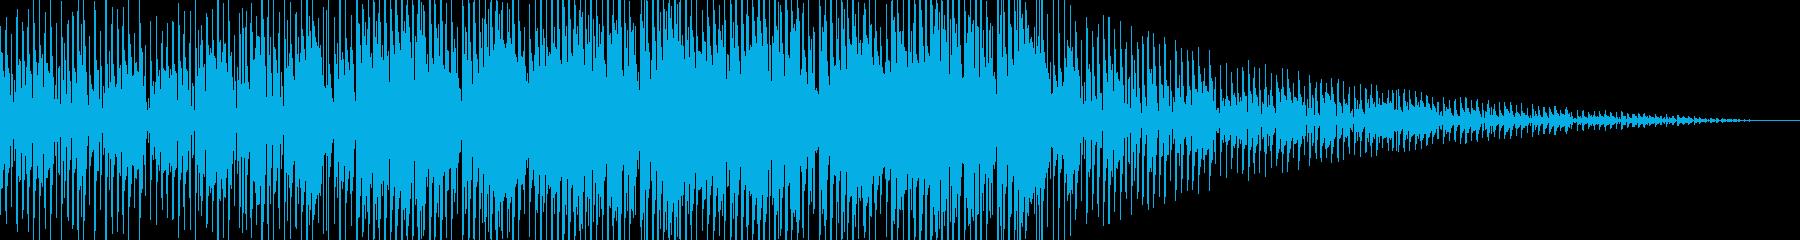 ダブでレゲェなジングルの再生済みの波形